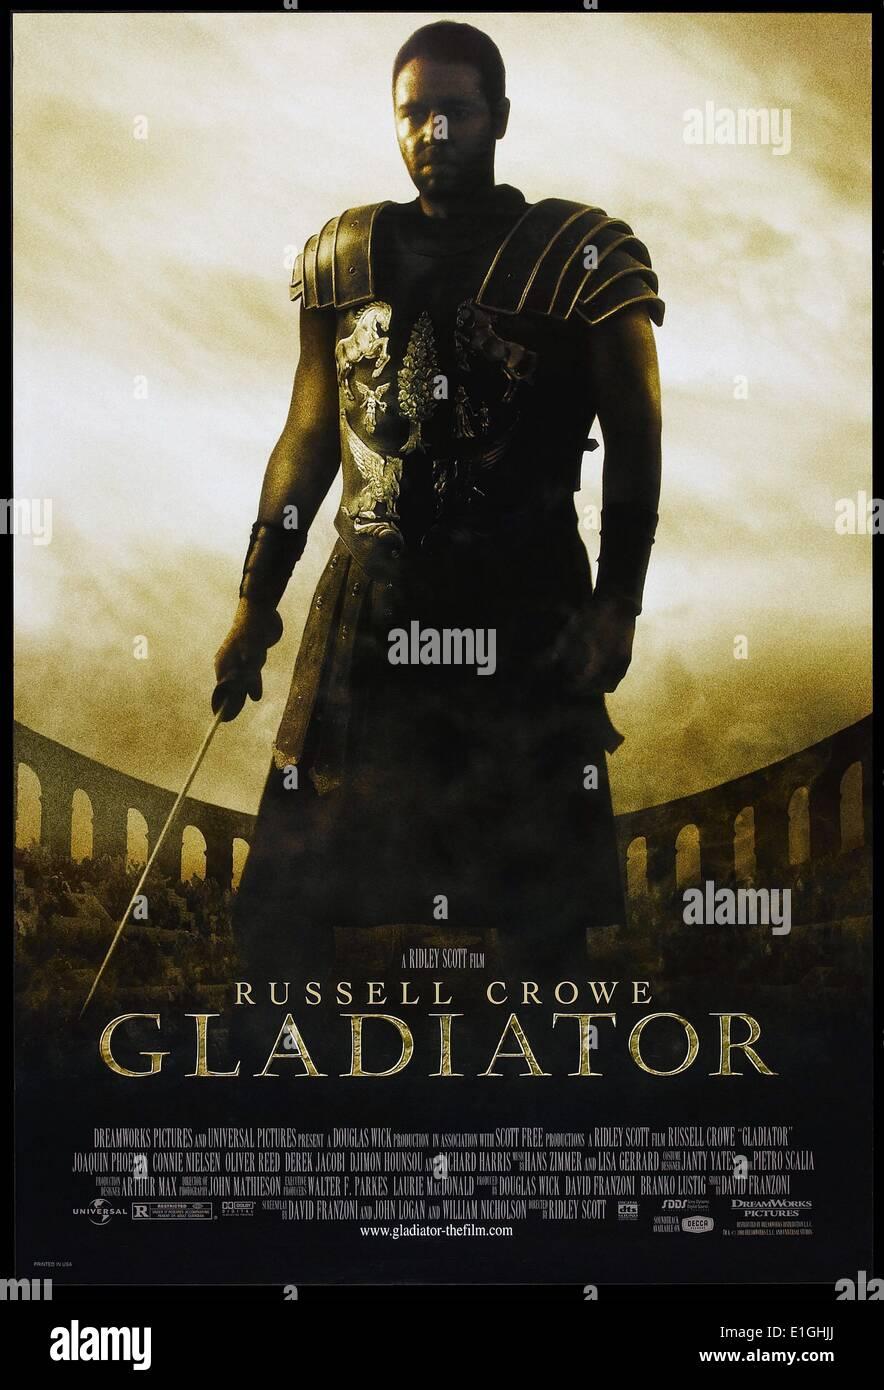 Gladiator un 2000 angloamericano storico epico film di fiction con Russell Crowe Joaquin Phoenix Connie Nielsen, Foto Stock